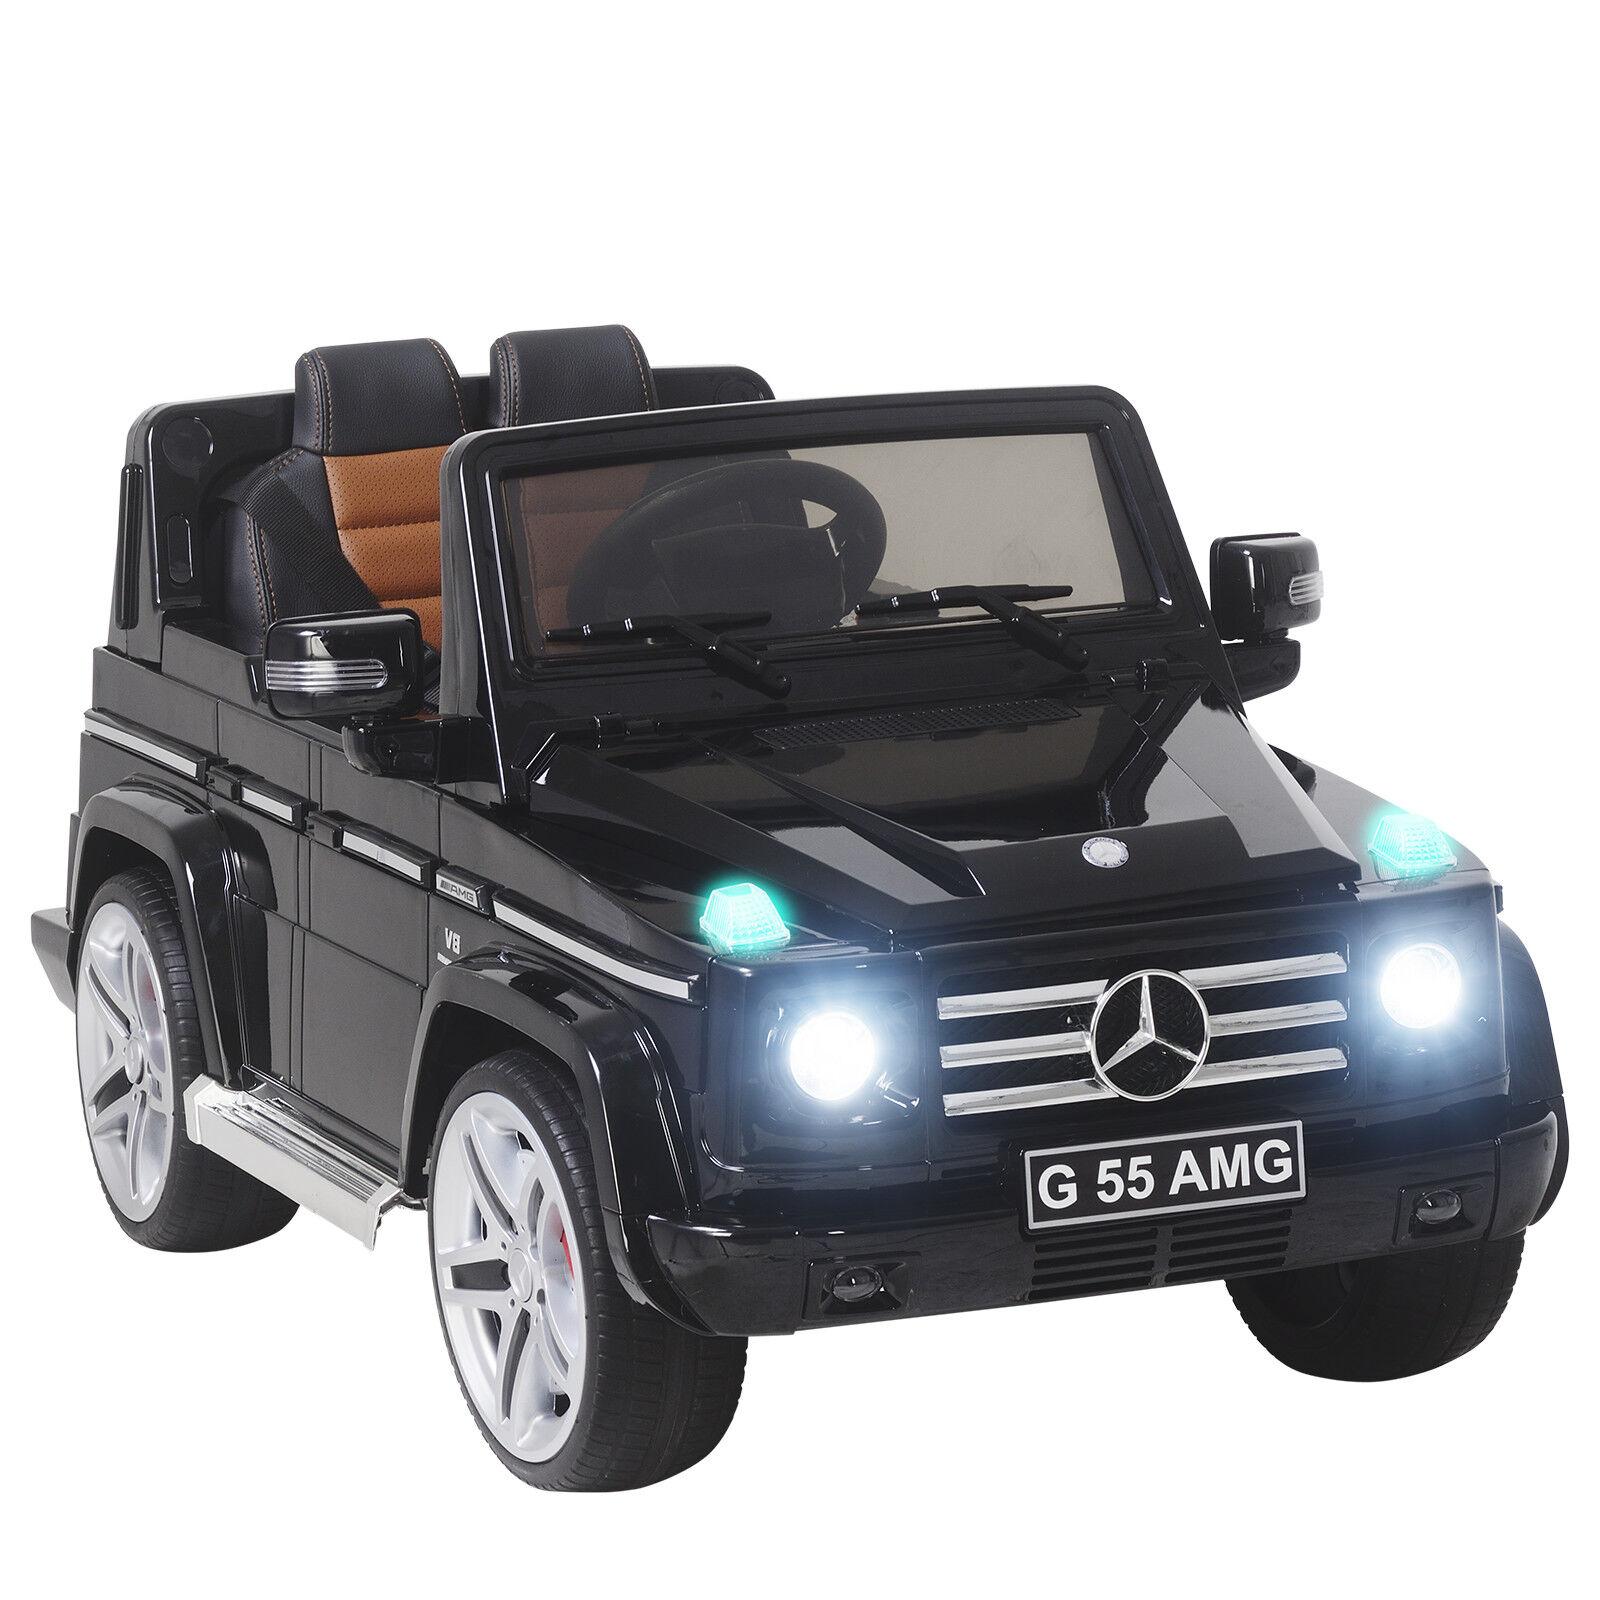 Mercedes - benz g55 12v - kinder mit spielzeug - auto gebackene lack 4 speed w   mp3